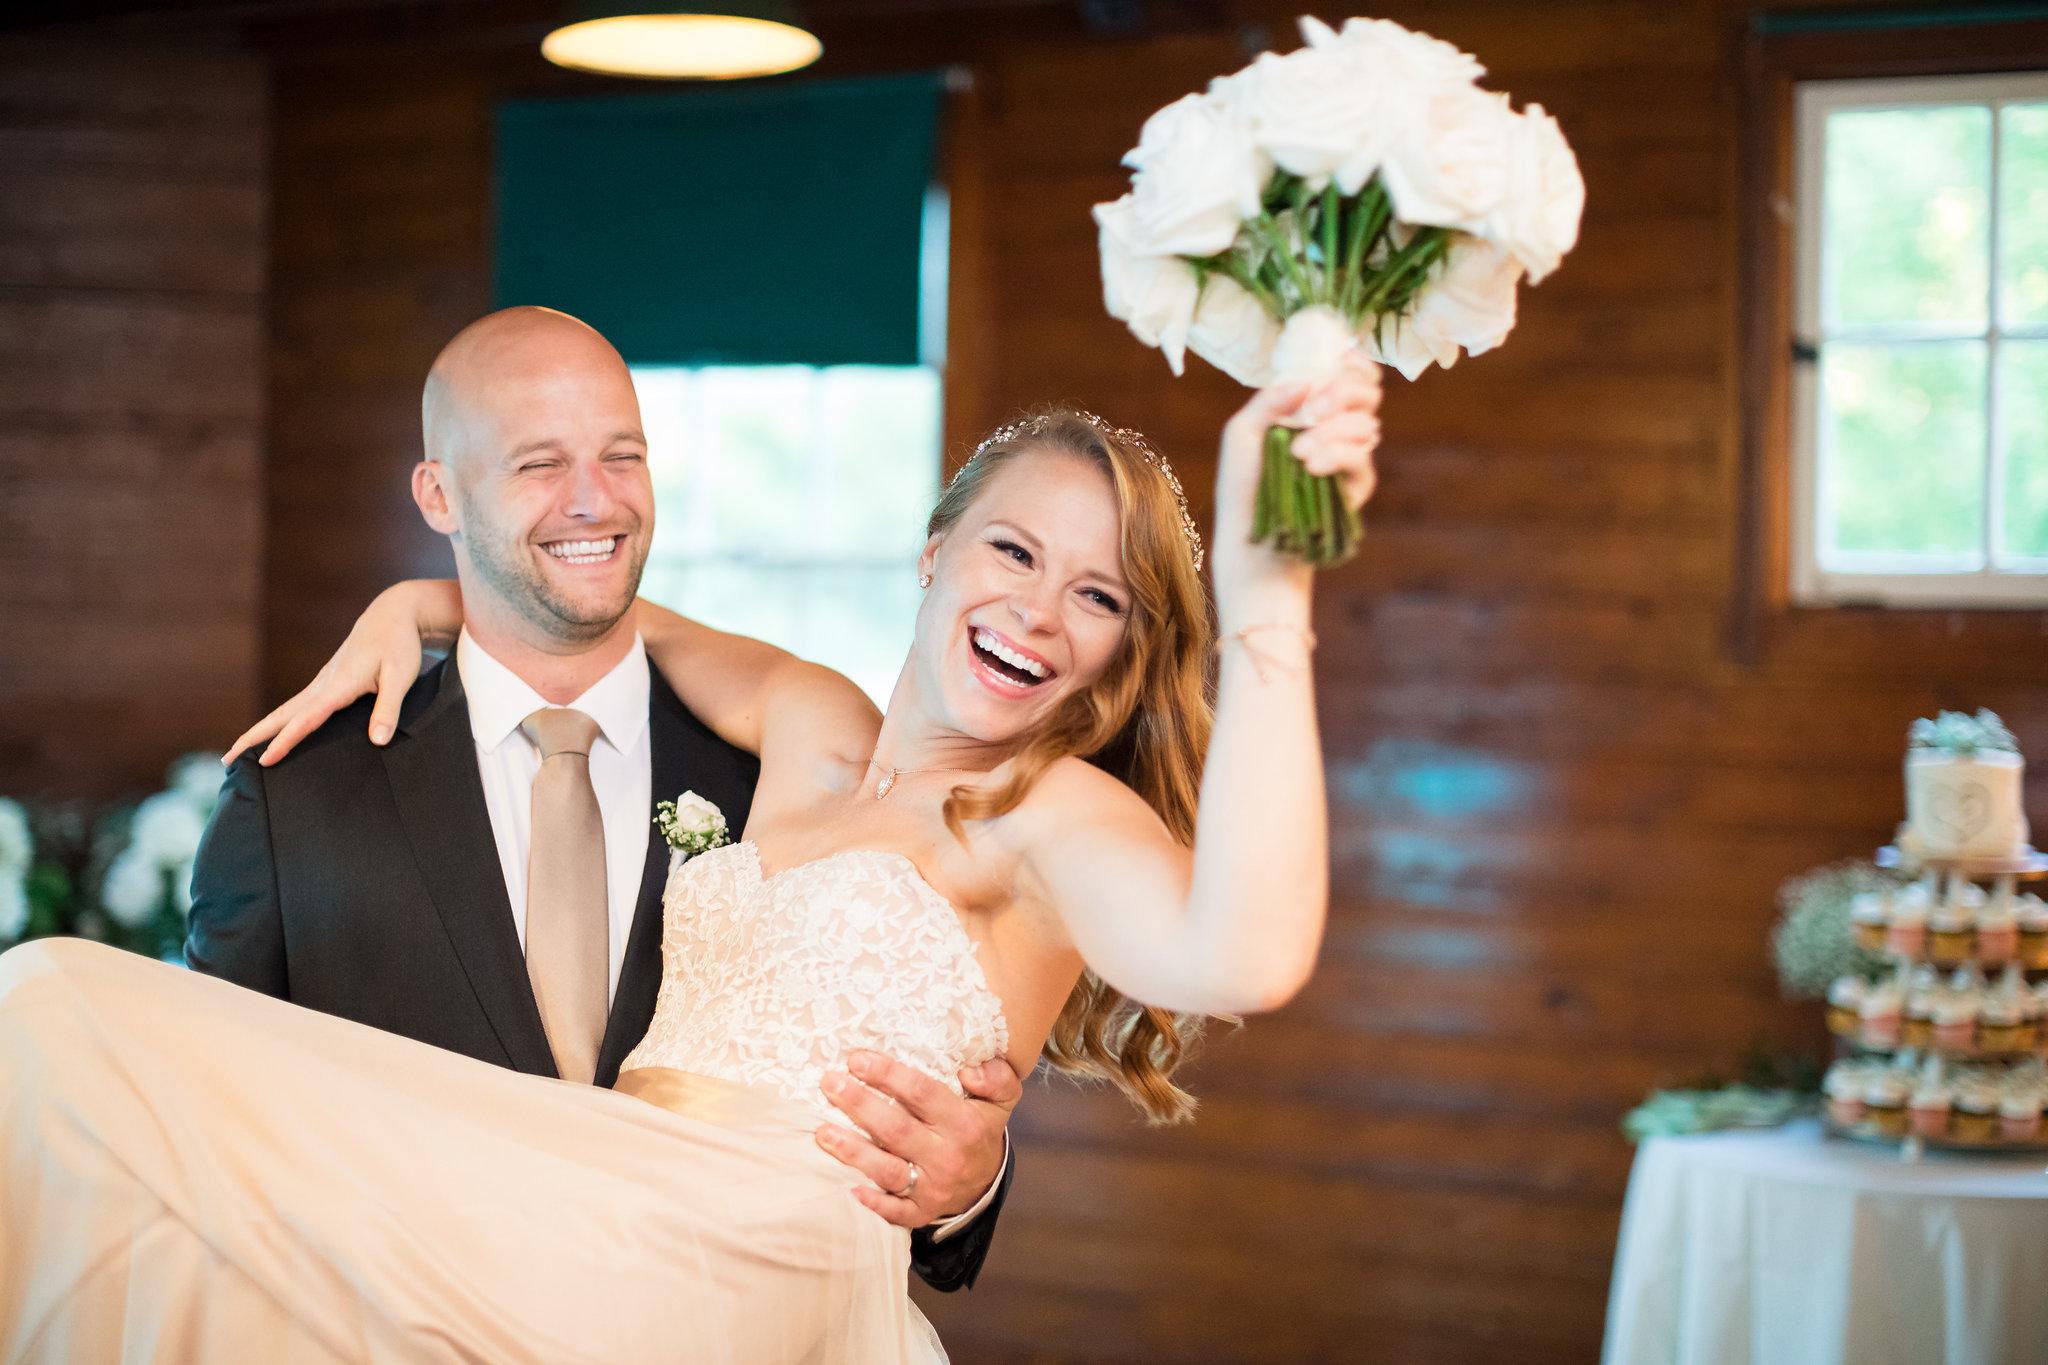 katie-brian-wedding-reception-43 (1).jpg